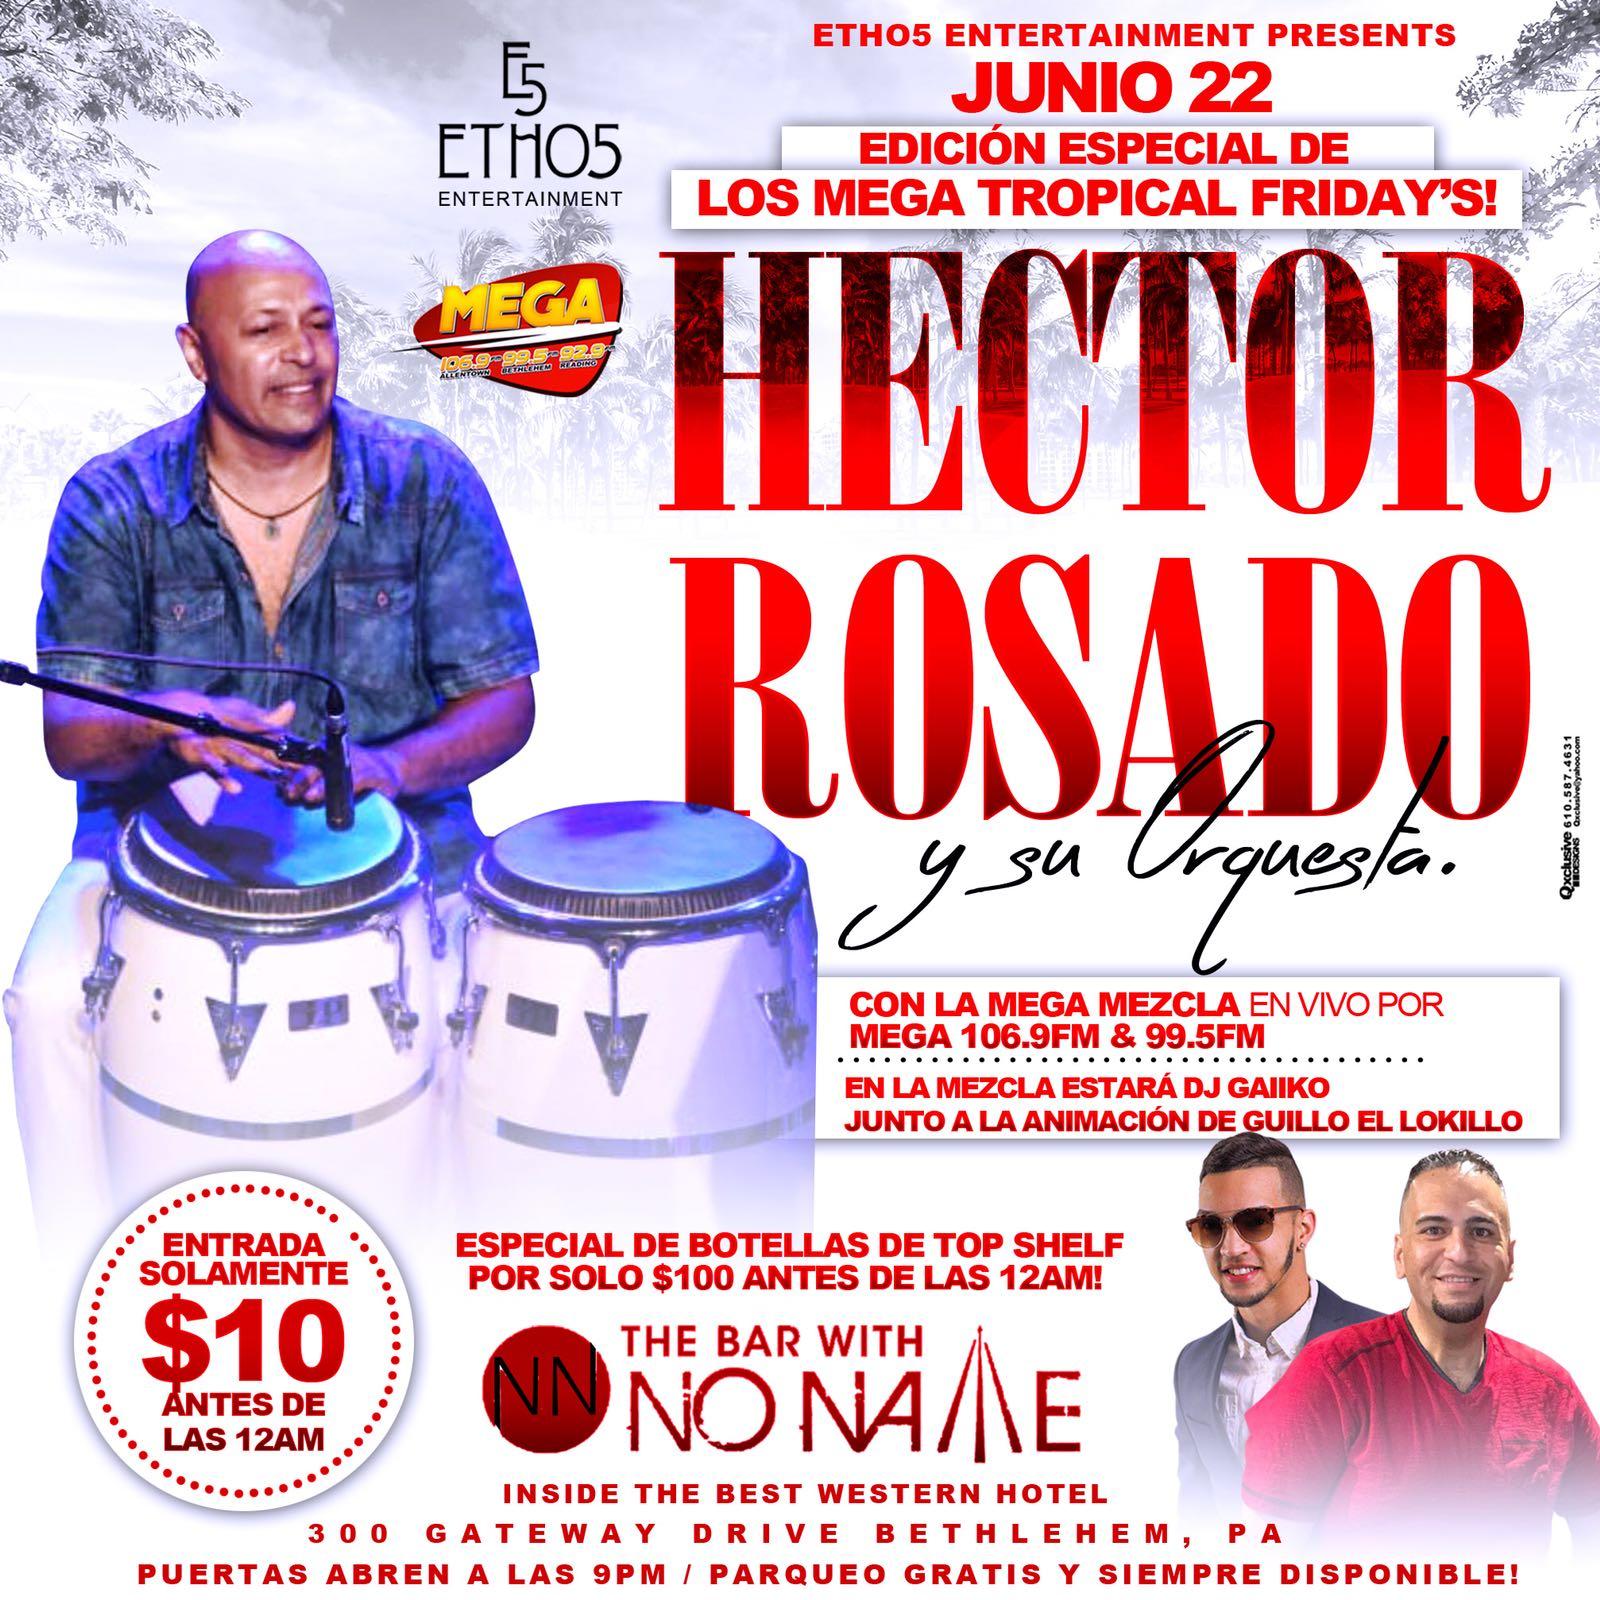 Los Mega Tropical Fridays with Hector Rosando